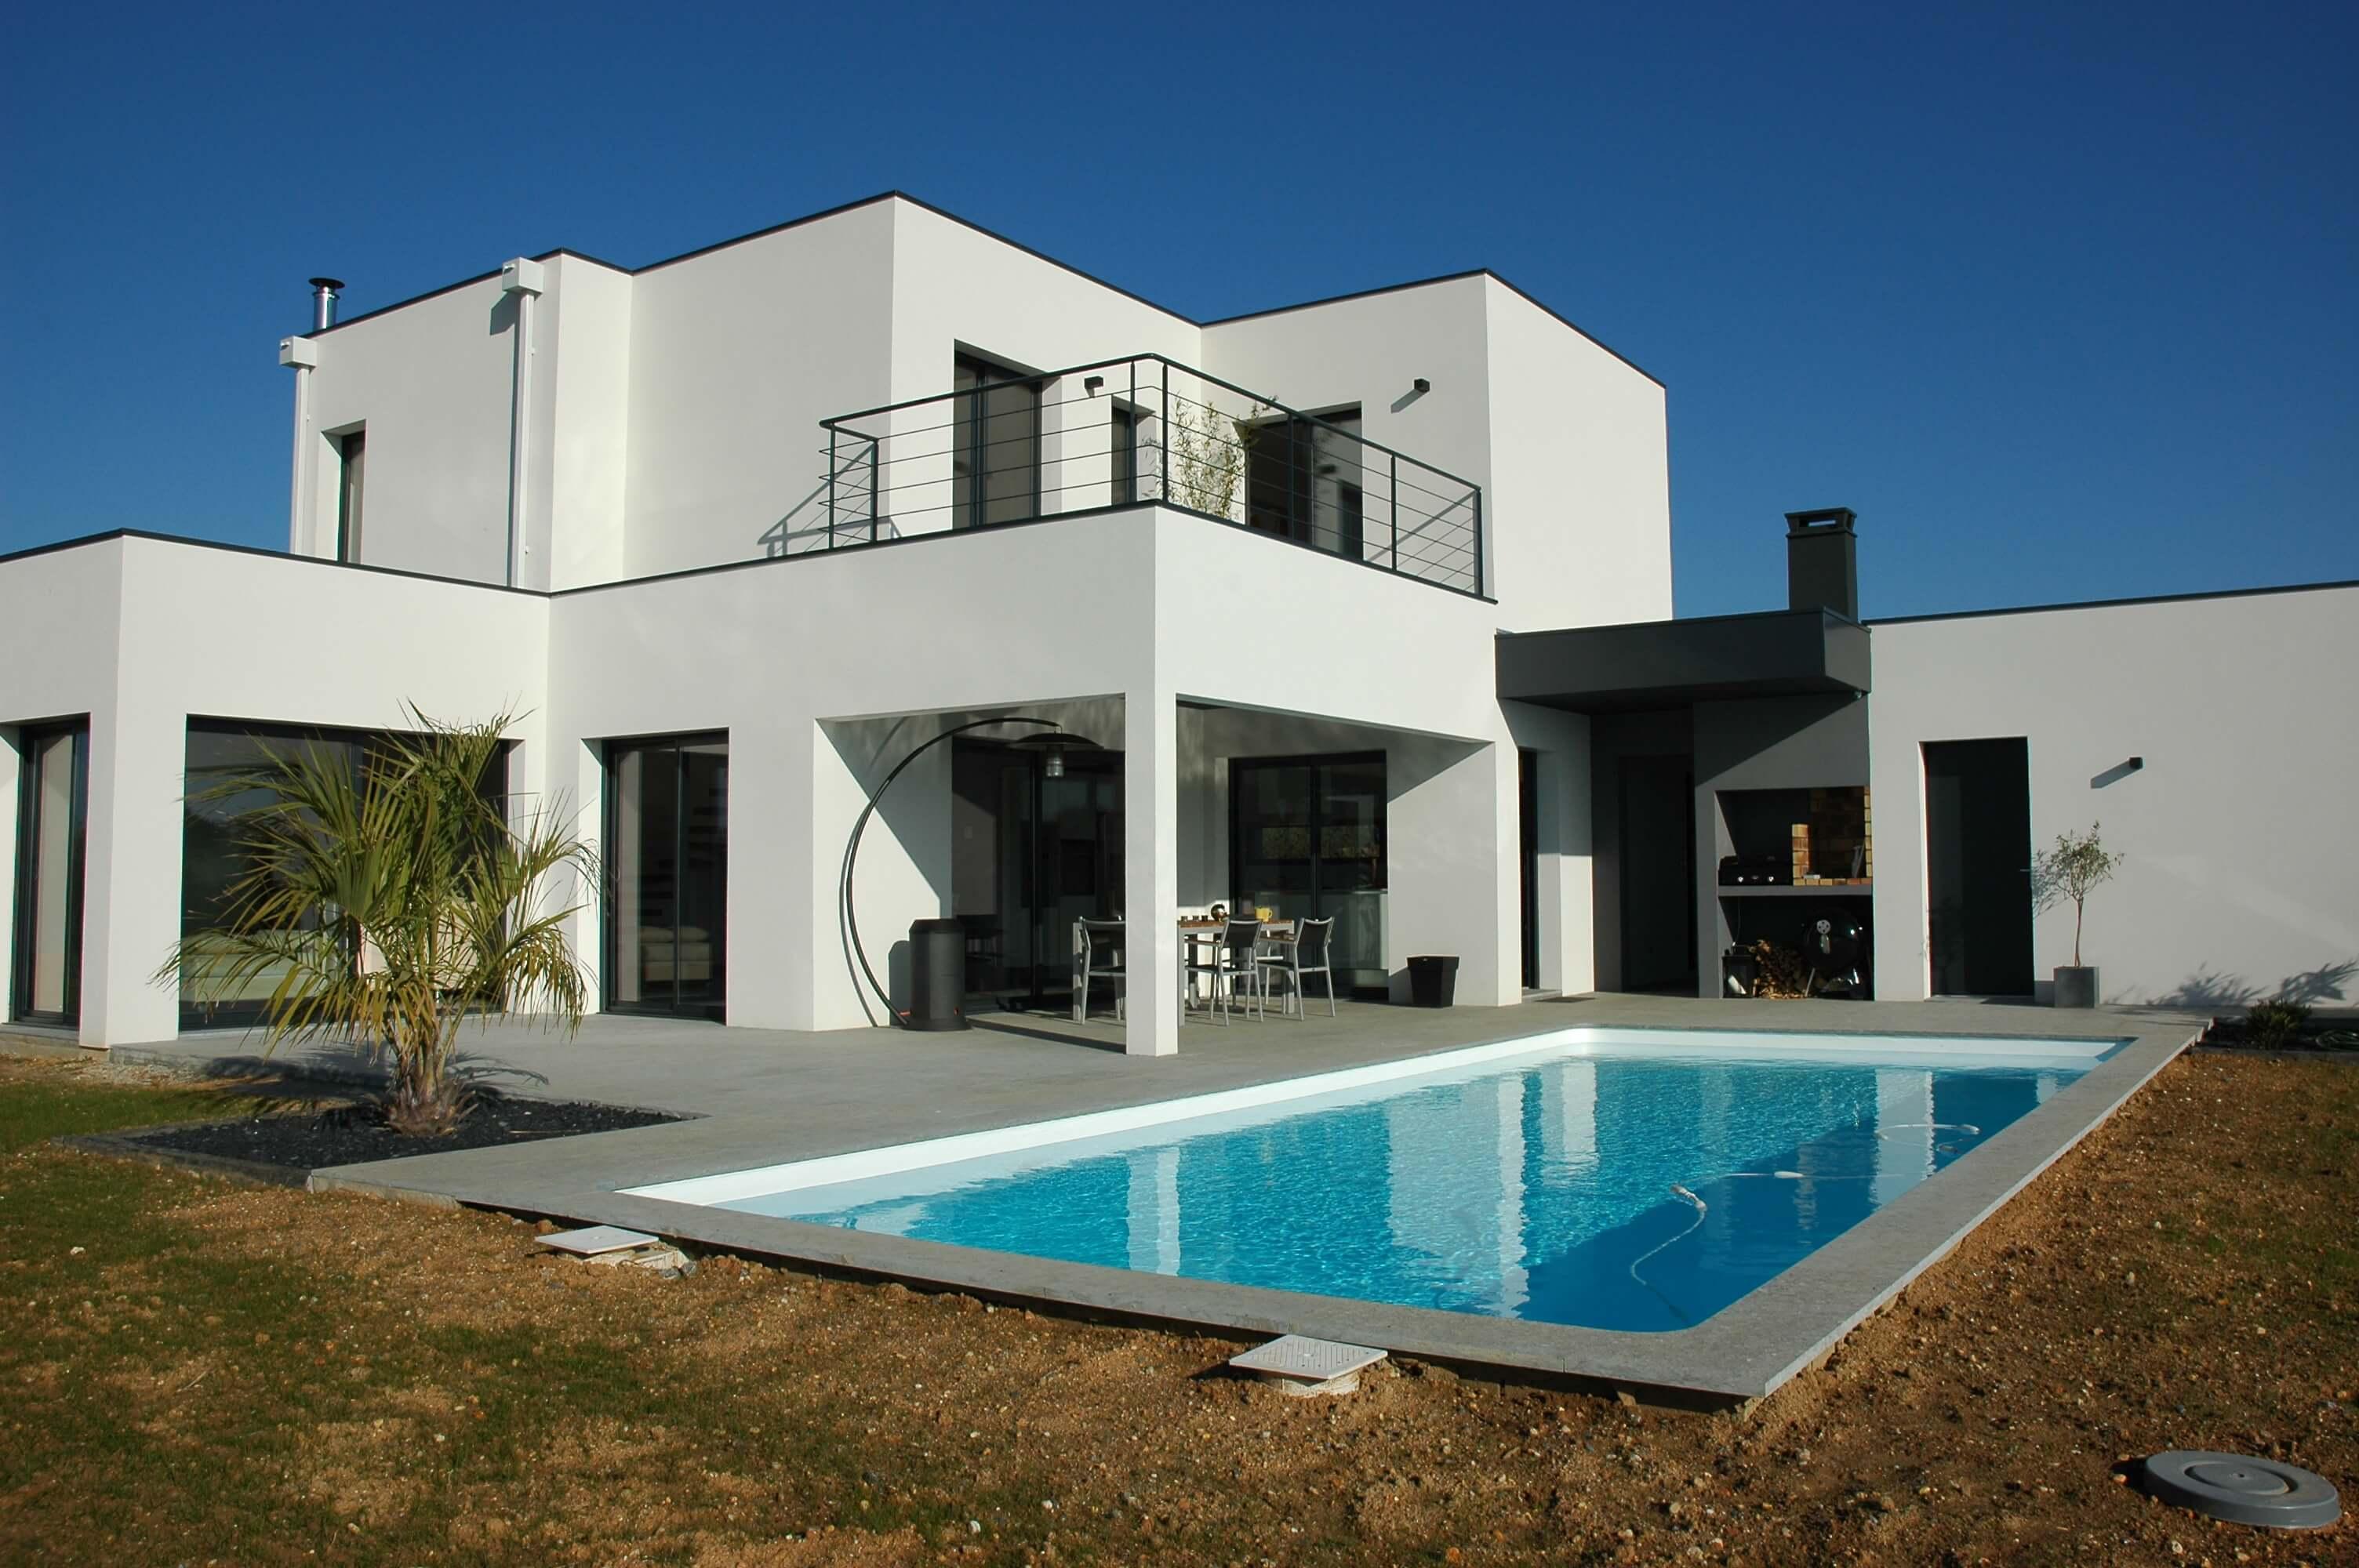 Constructeur Maison Individuelle En Gironde Maisons Collantes